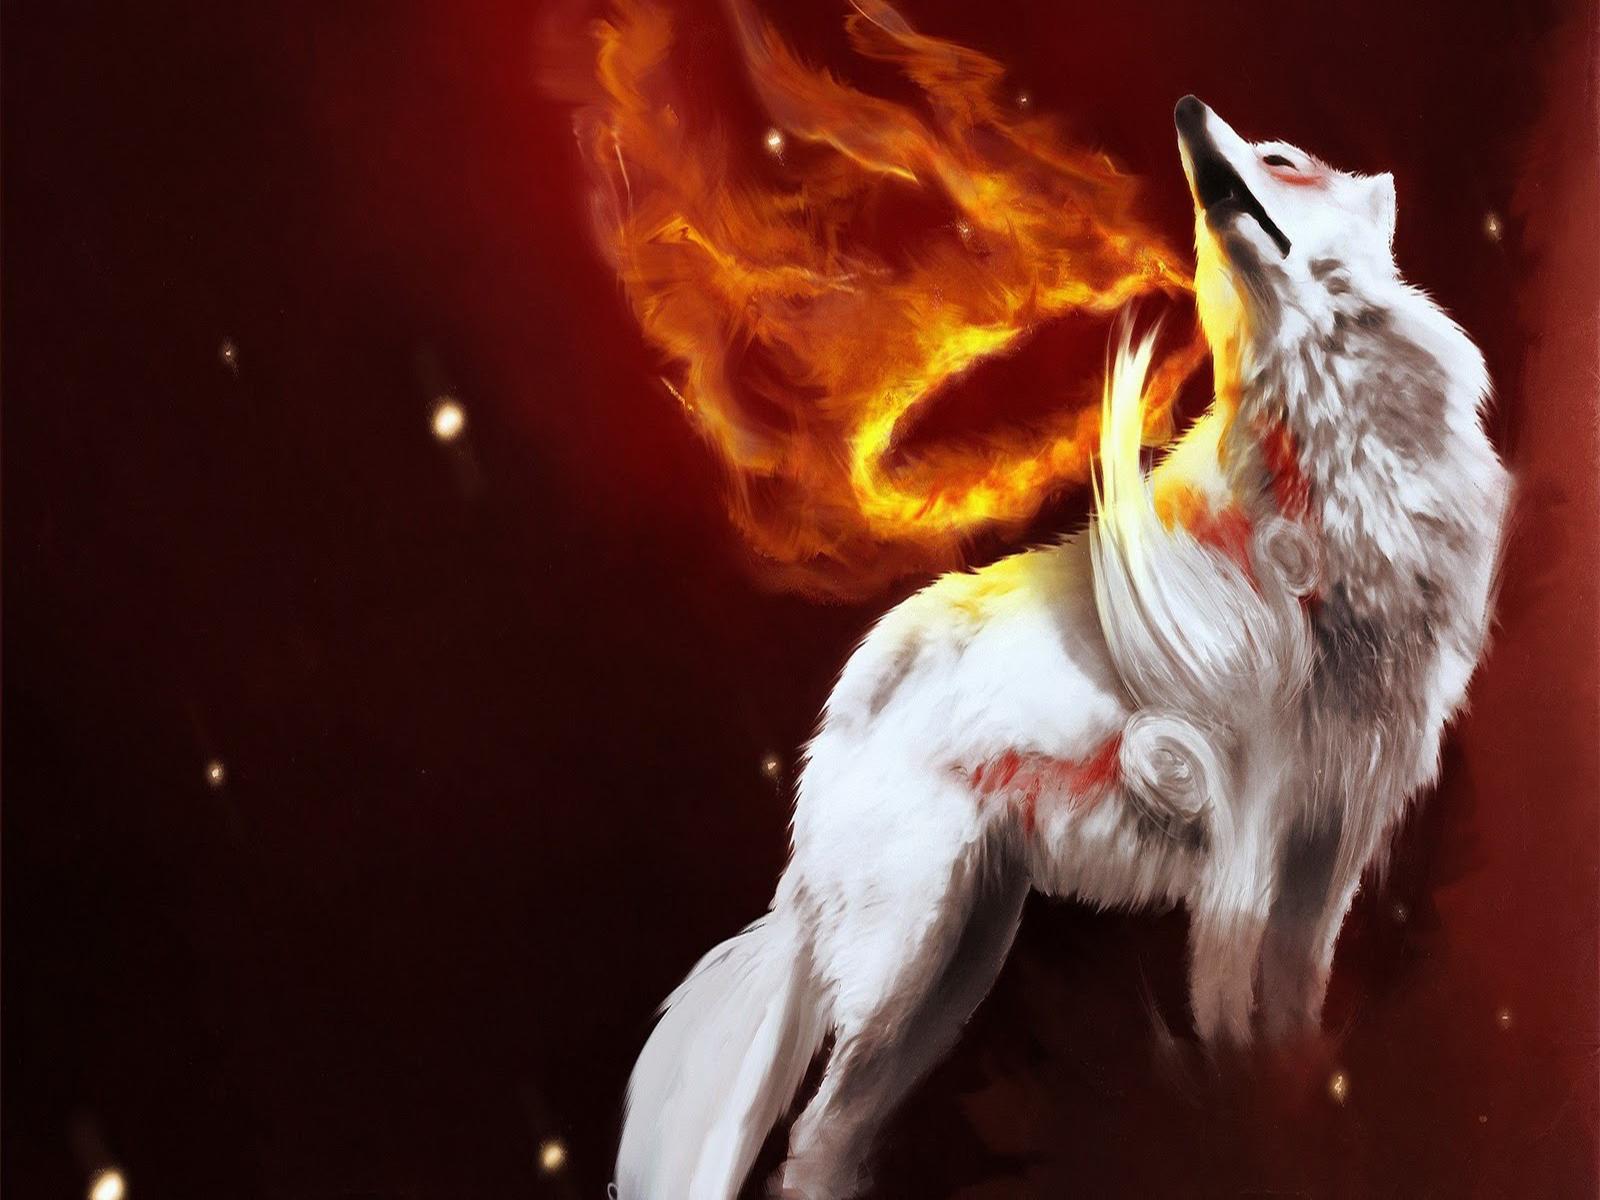 wallpaper hd un oleo con un lobo blanco